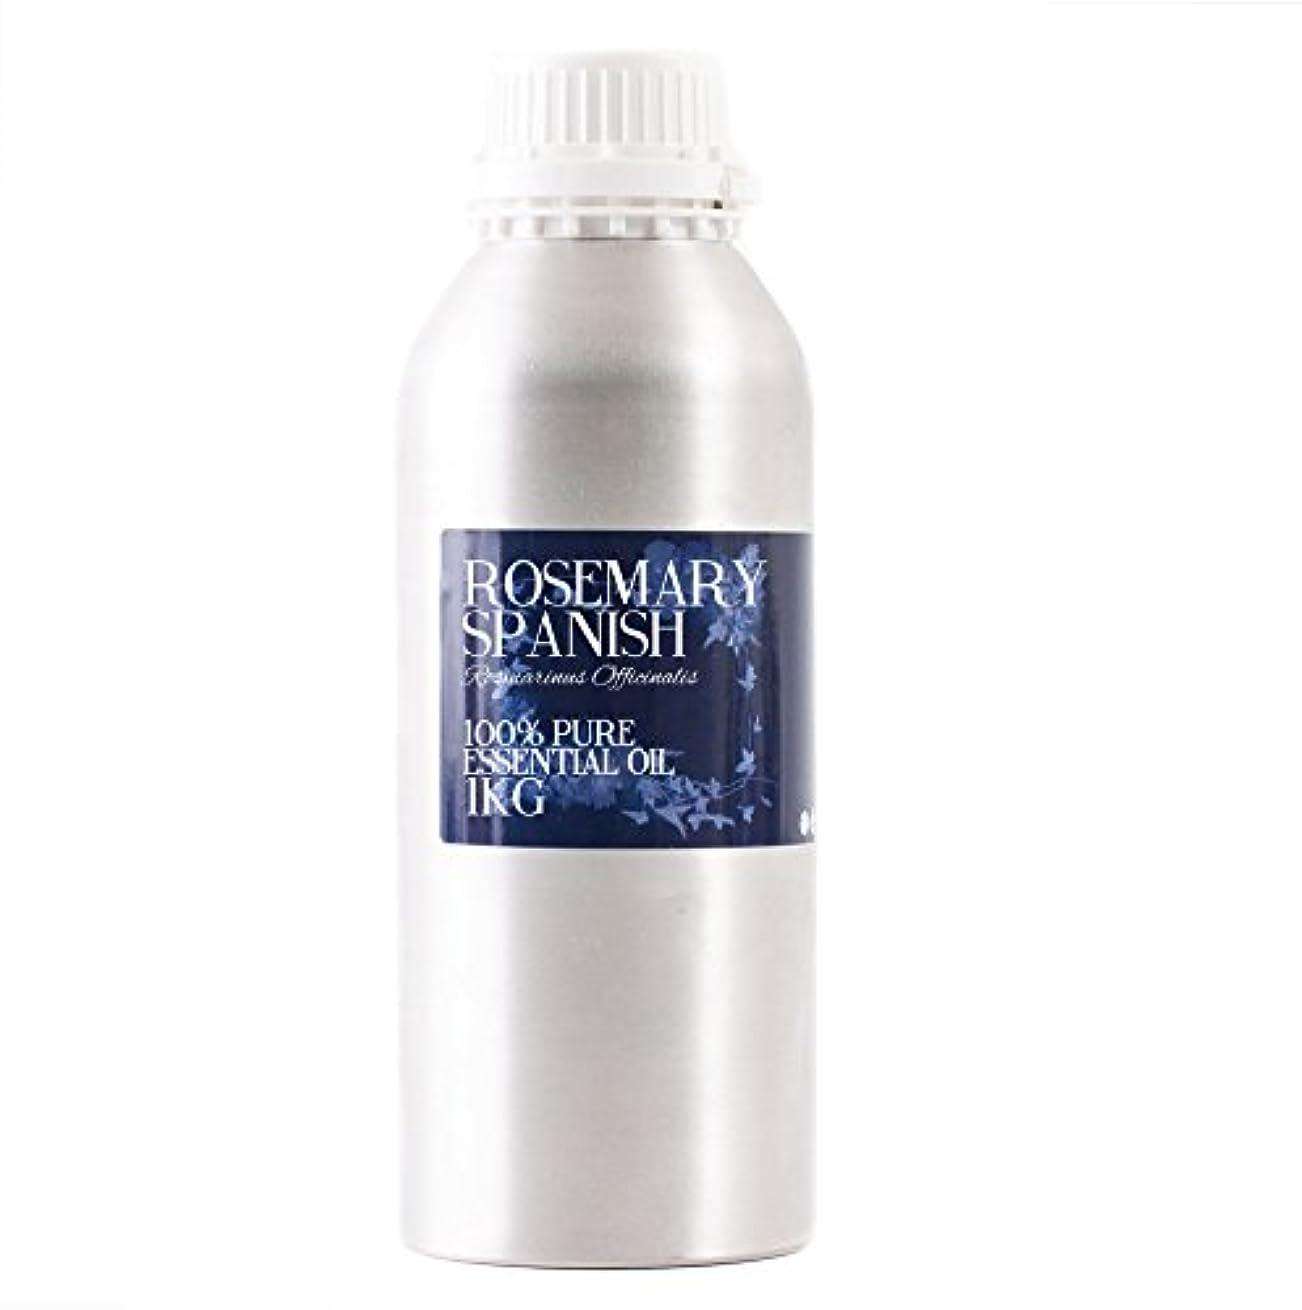 宿る束雰囲気Mystic Moments | Rosemary Spanish Essential Oil - 1Kg - 100% Pure